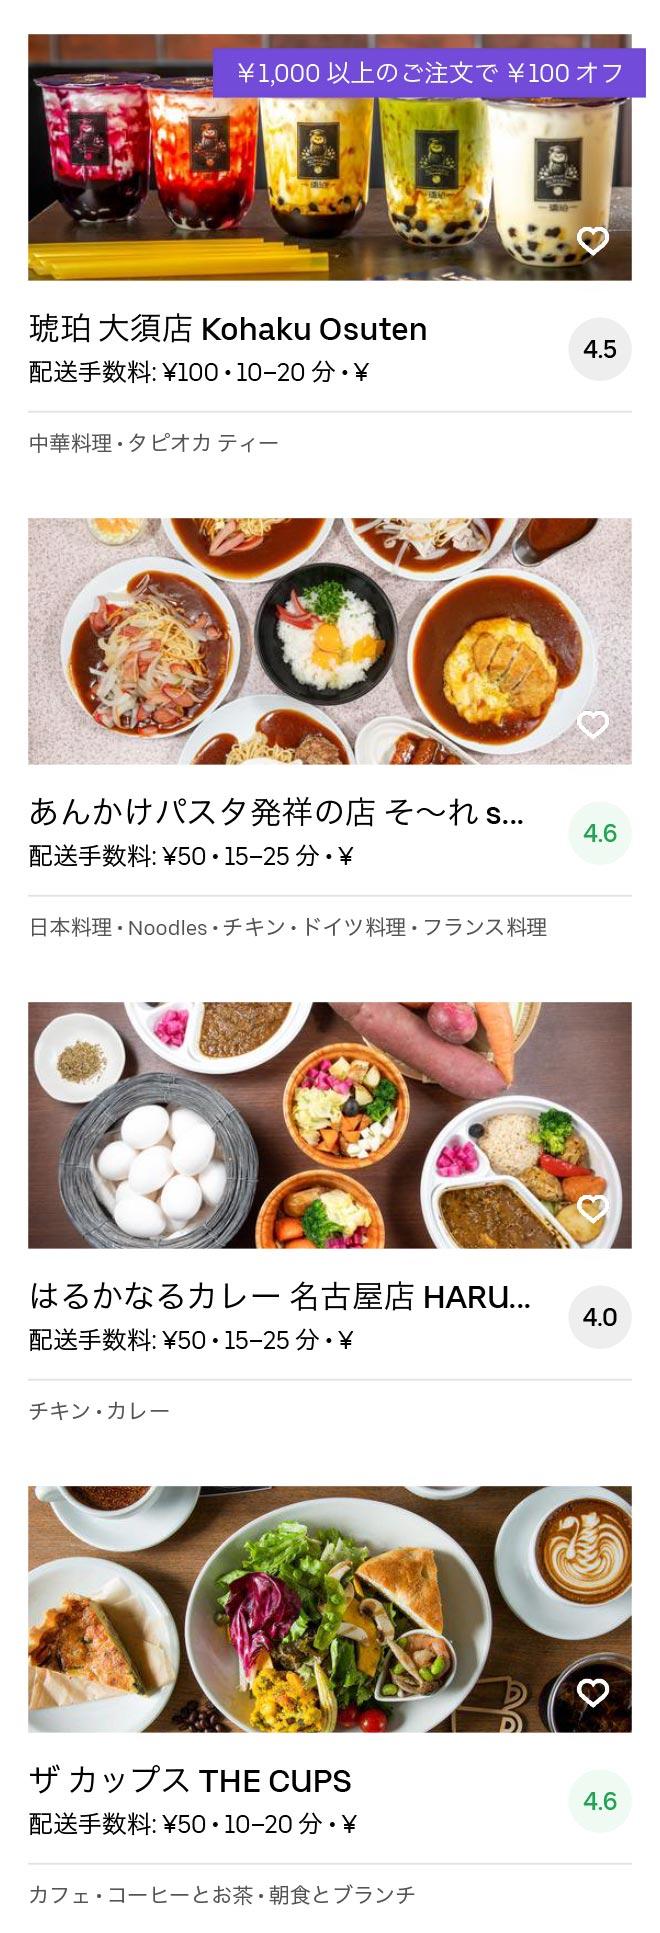 Nagoya sakae menu 2005 08